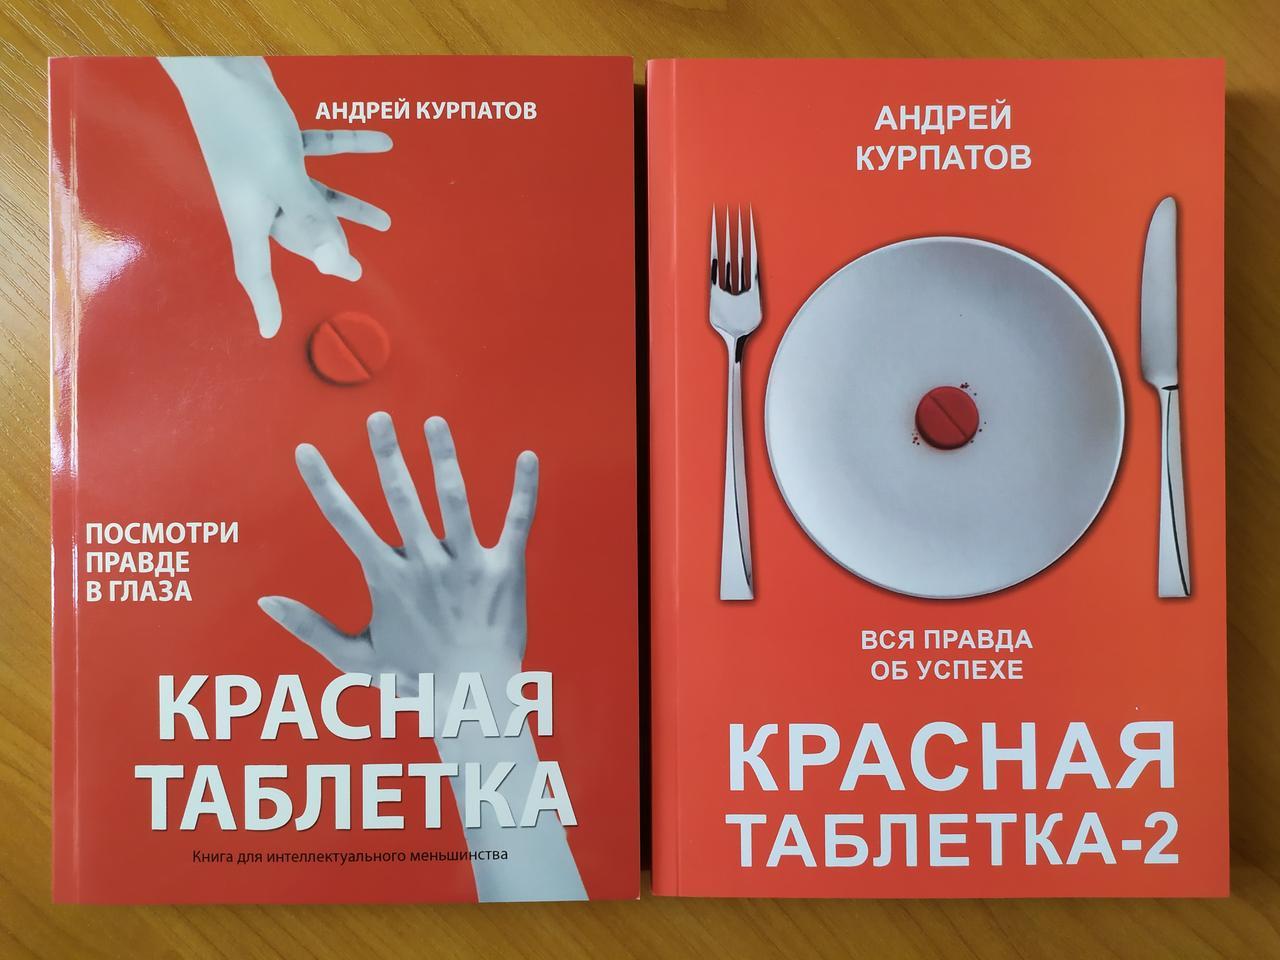 Андрей Курпатов. Комплект книг. Красная таблетка и Красная таблетка 2